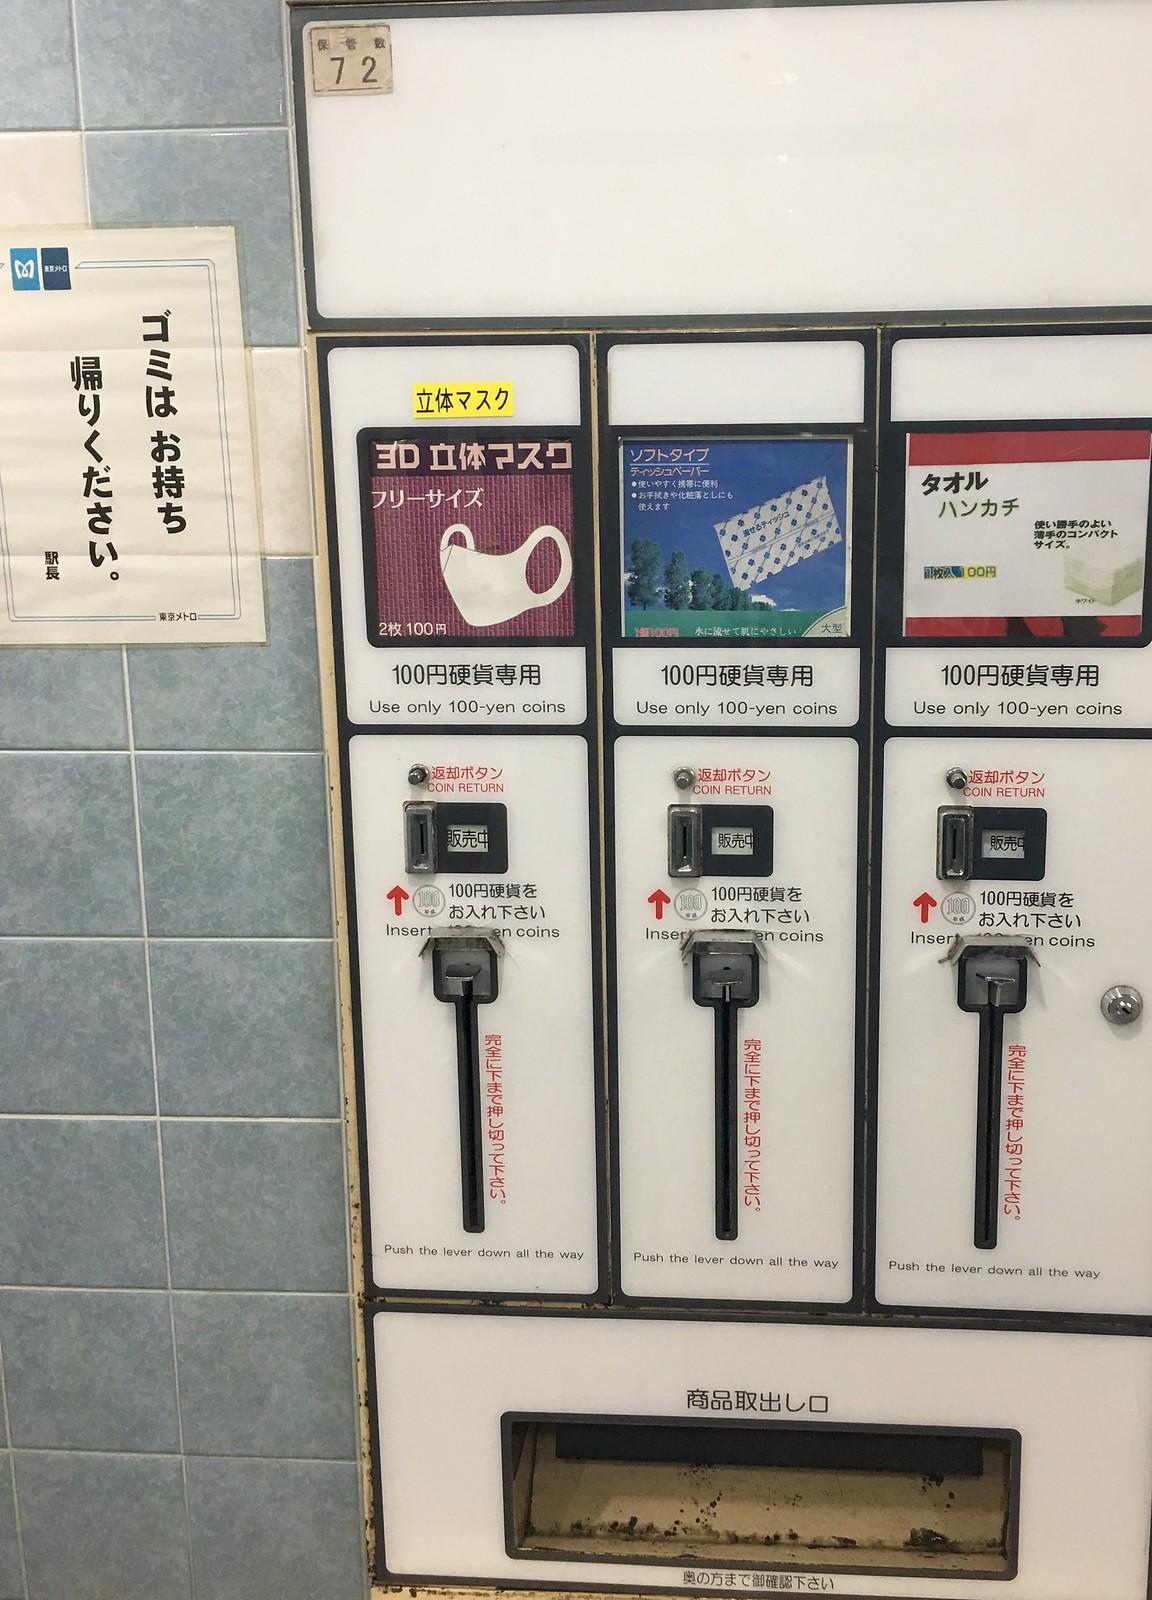 Tokyo Metro and London Tube - Tokyo Metro Tozai Line - Kudanshita Station